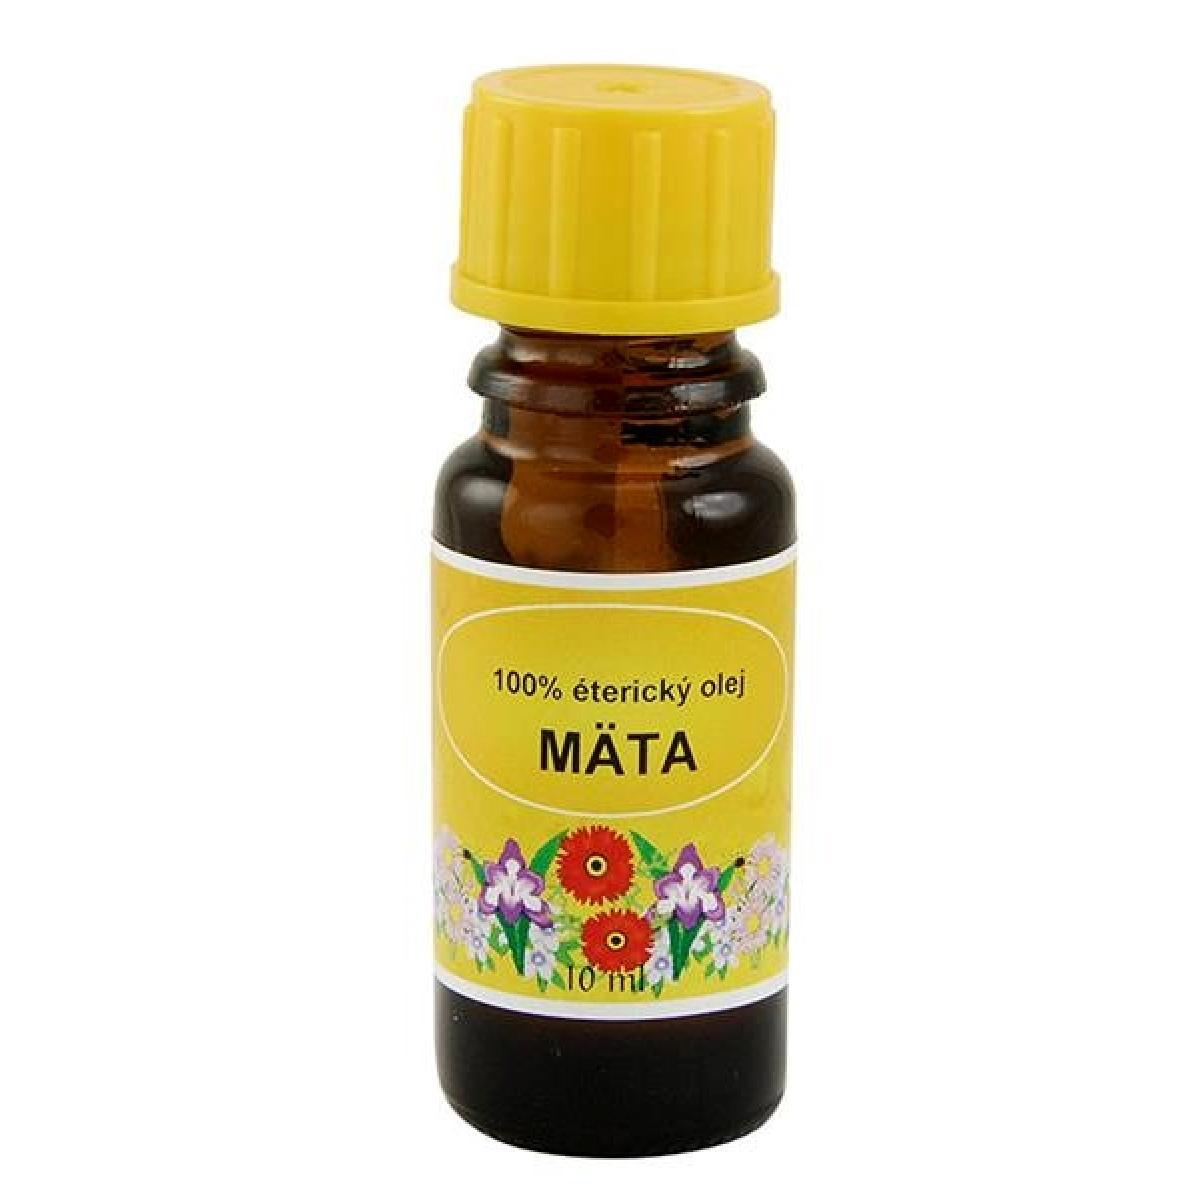 Mäta - 100% éterický olej - 10ml